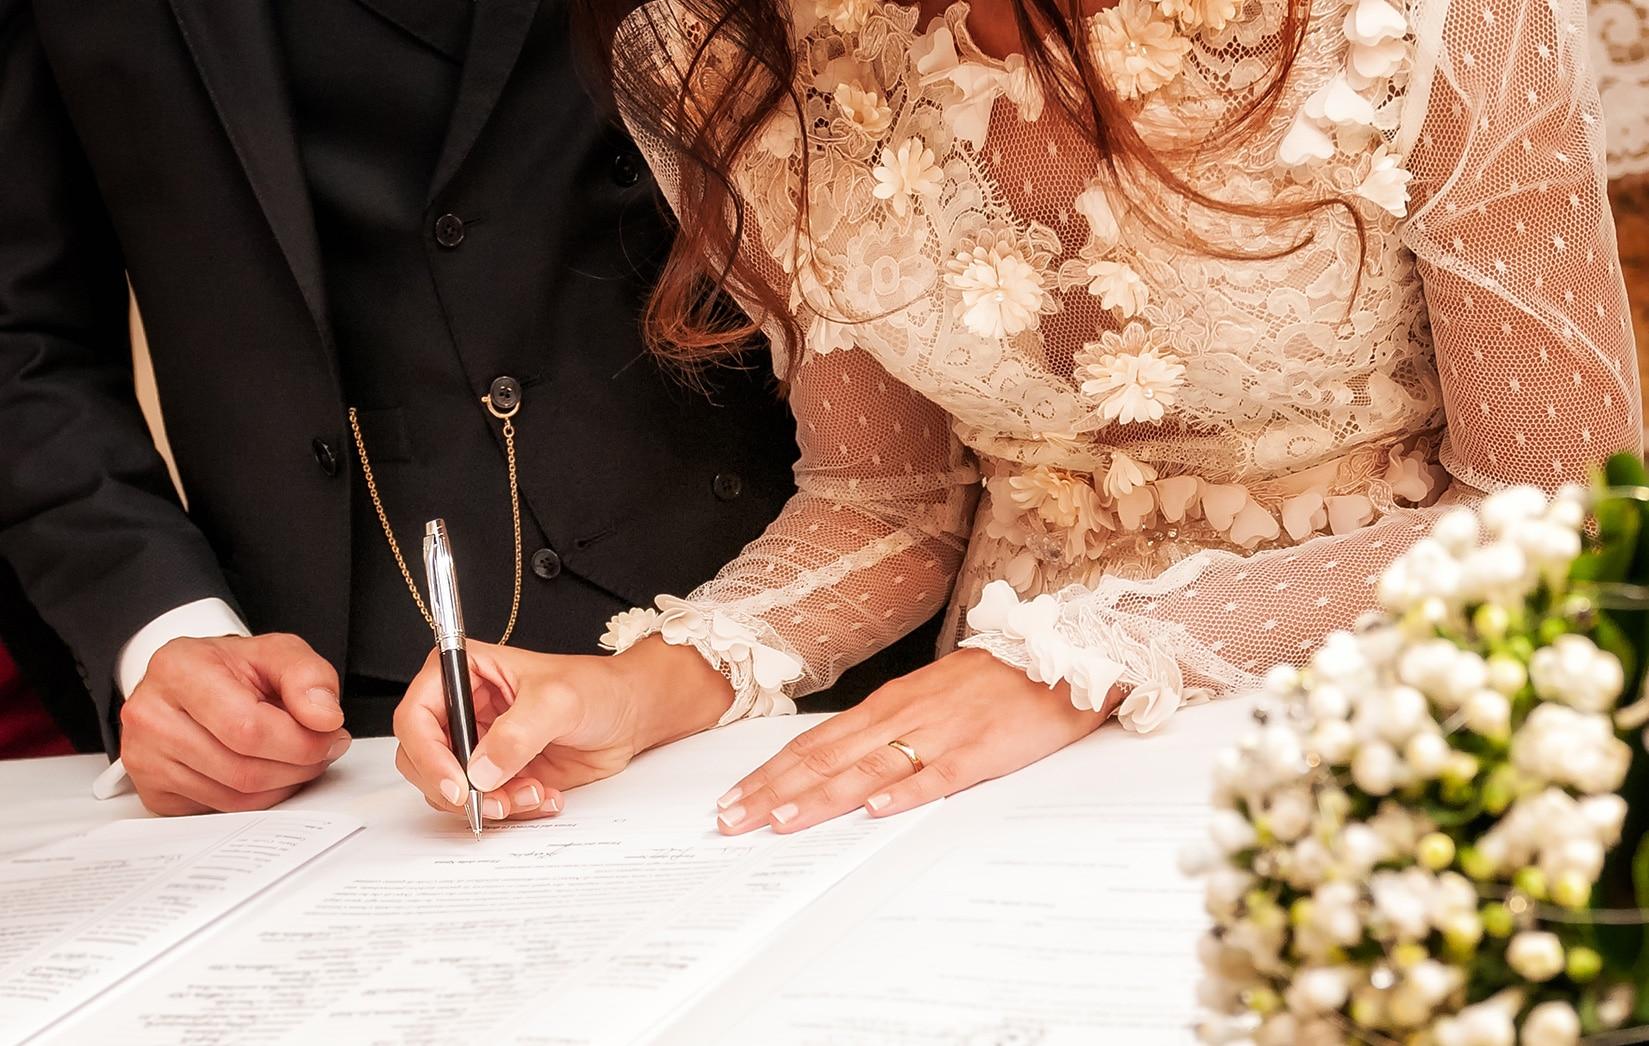 licencia de matrimonio en NY